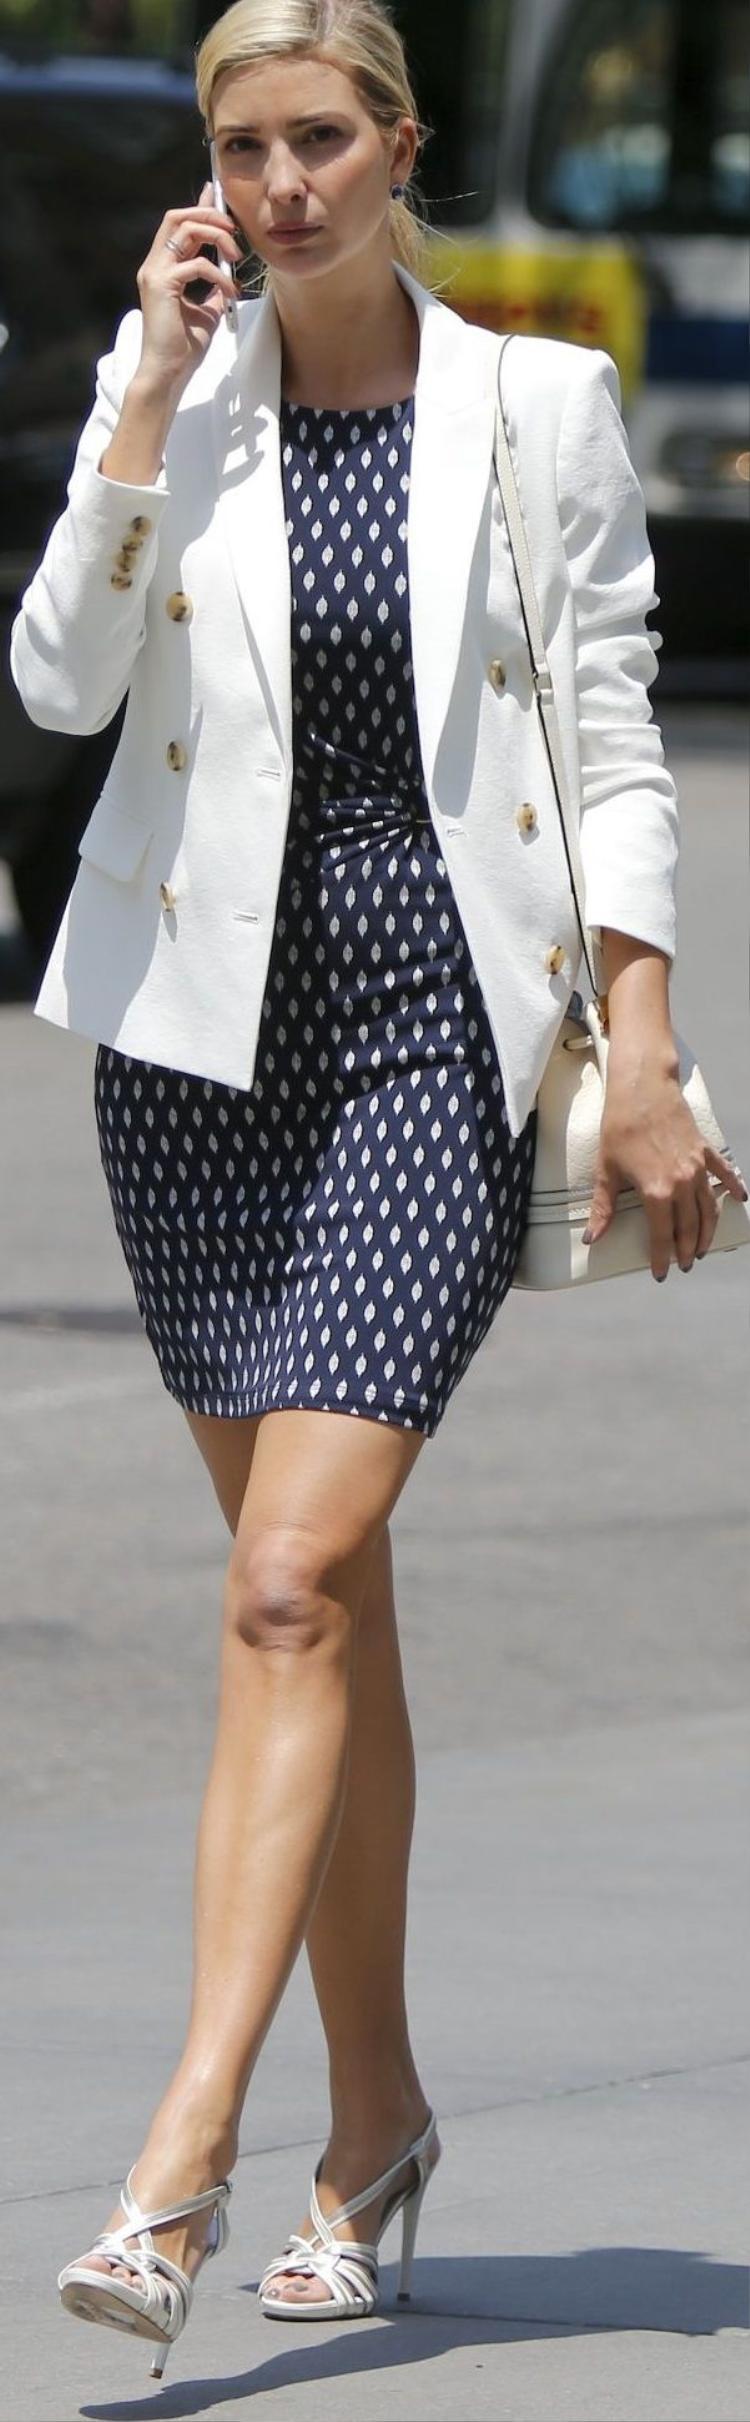 Có khi, cô xuất hiện như một CEO đỉnh cao với outfit gồm đầm body ôm, áo vest trắng điểm nhấn nút vàng cùng giày và túi tone màu sáng.